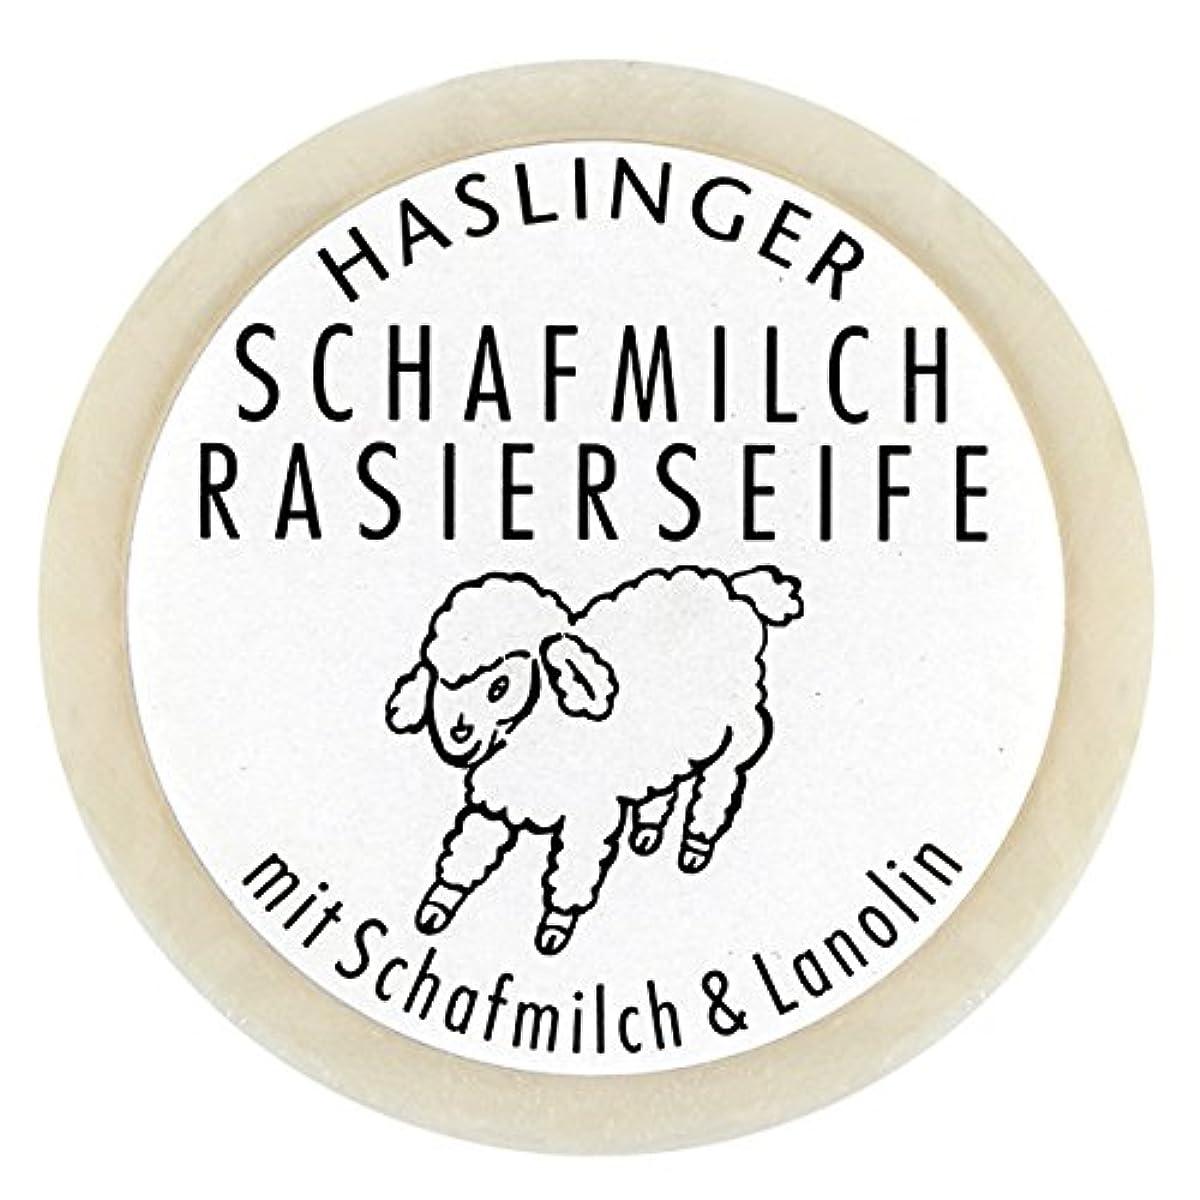 シリング差不可能なSchafmilch Rasierseife (Ewe`s Milk Shave Soap) 60g soap bar by Haslinger by Haslinger